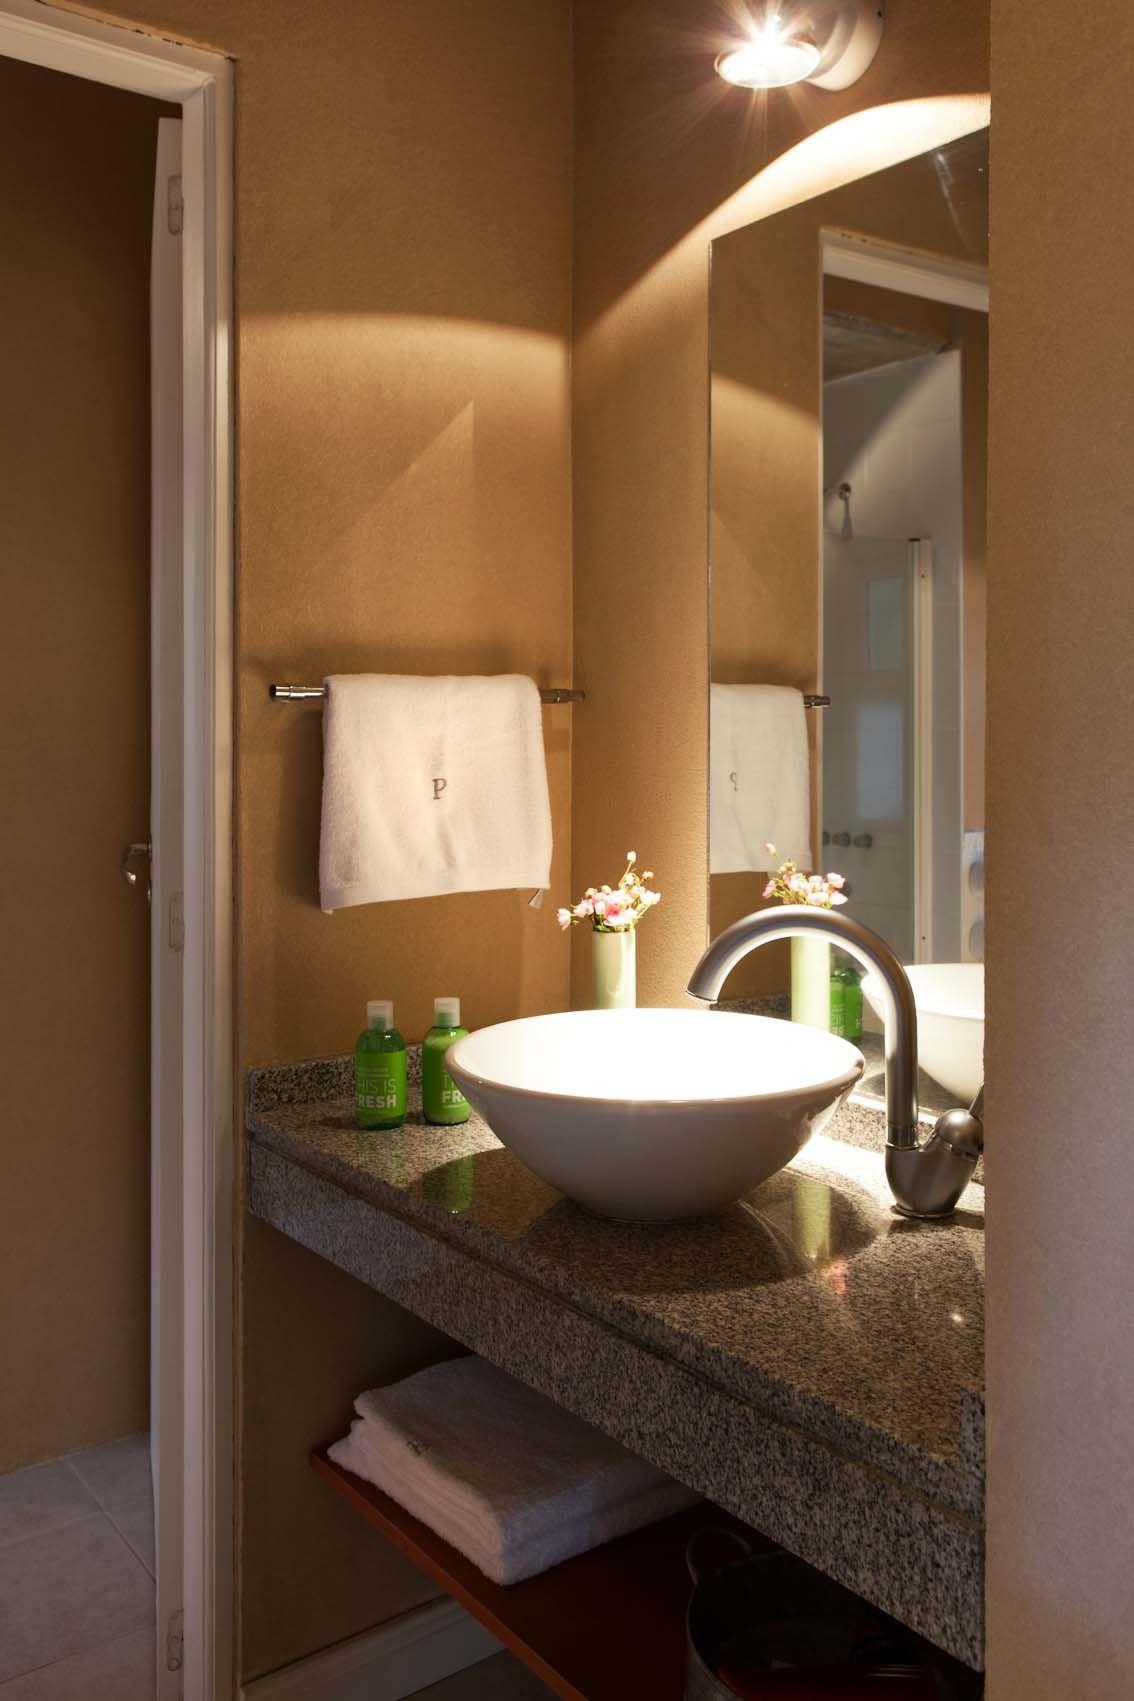 Baño súper coqueto y minimalista del Hotel Plenilunio. Bacha de cerámica blanca sobre mesada símil mármol, grifería moderna en color metálico, paredes pintadas de marrón y luminaria con luz focal.